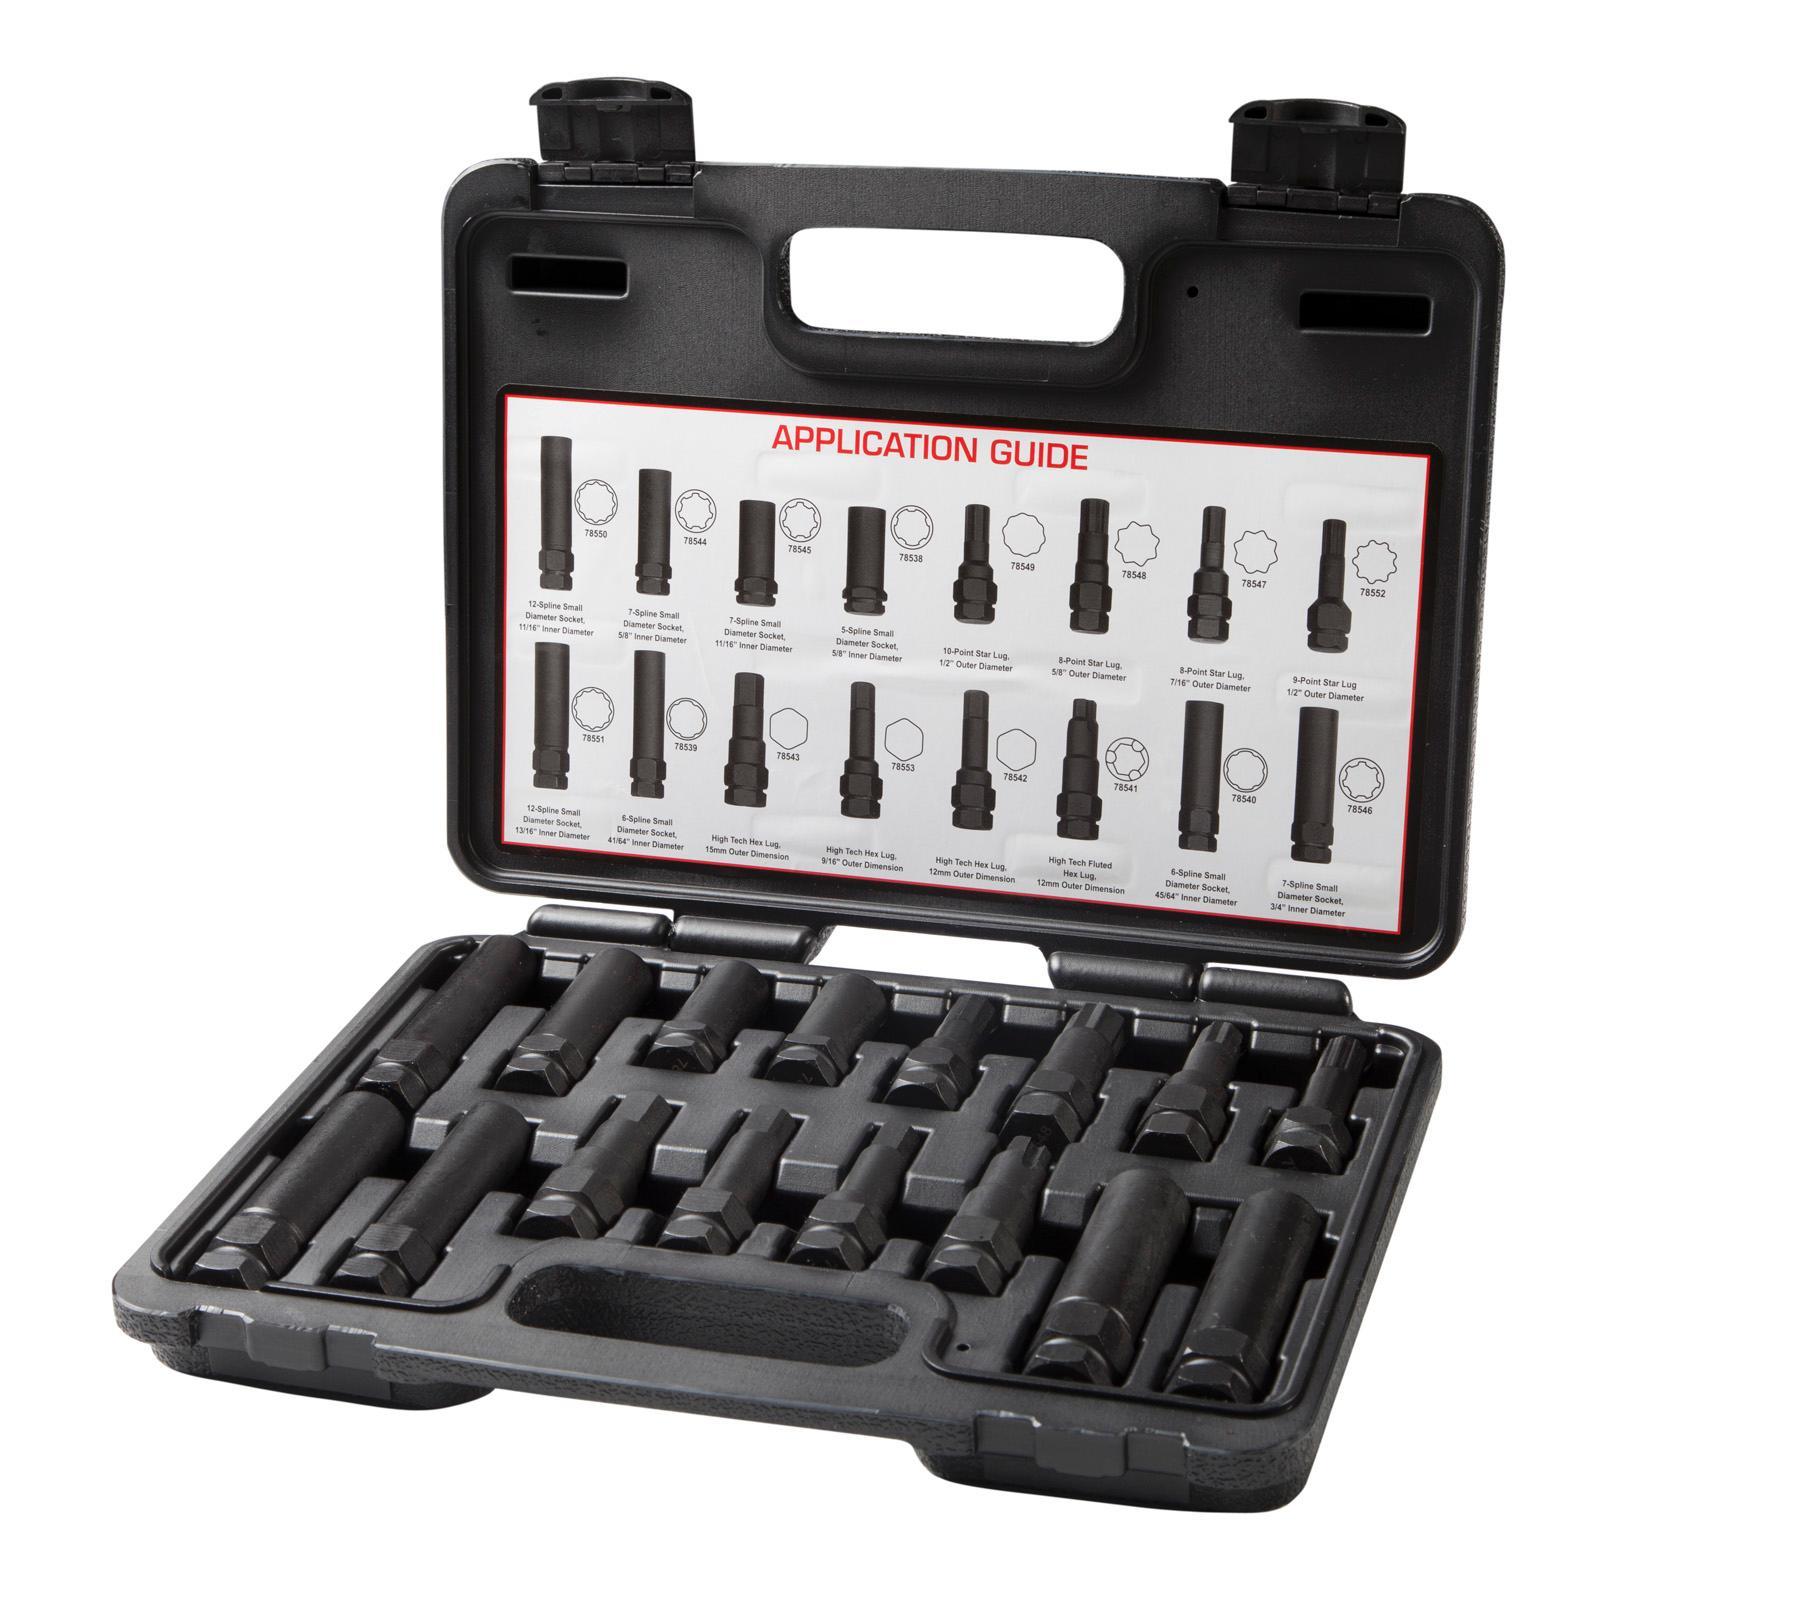 Steelman 78537 16 Piece Locking Lug Nut Master Key Set